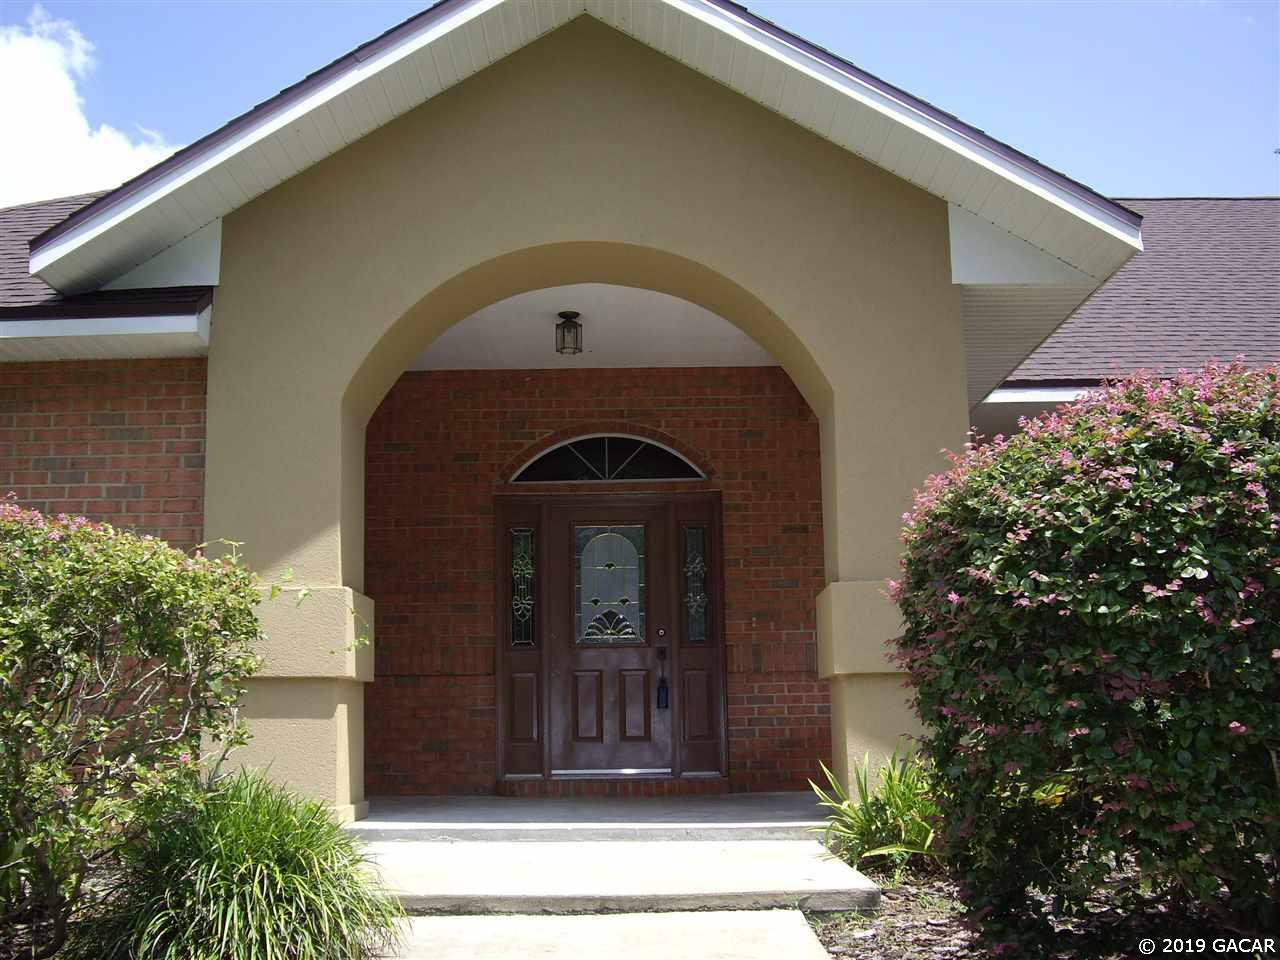 14319 NW 154 Terrace, Alachua, Florida